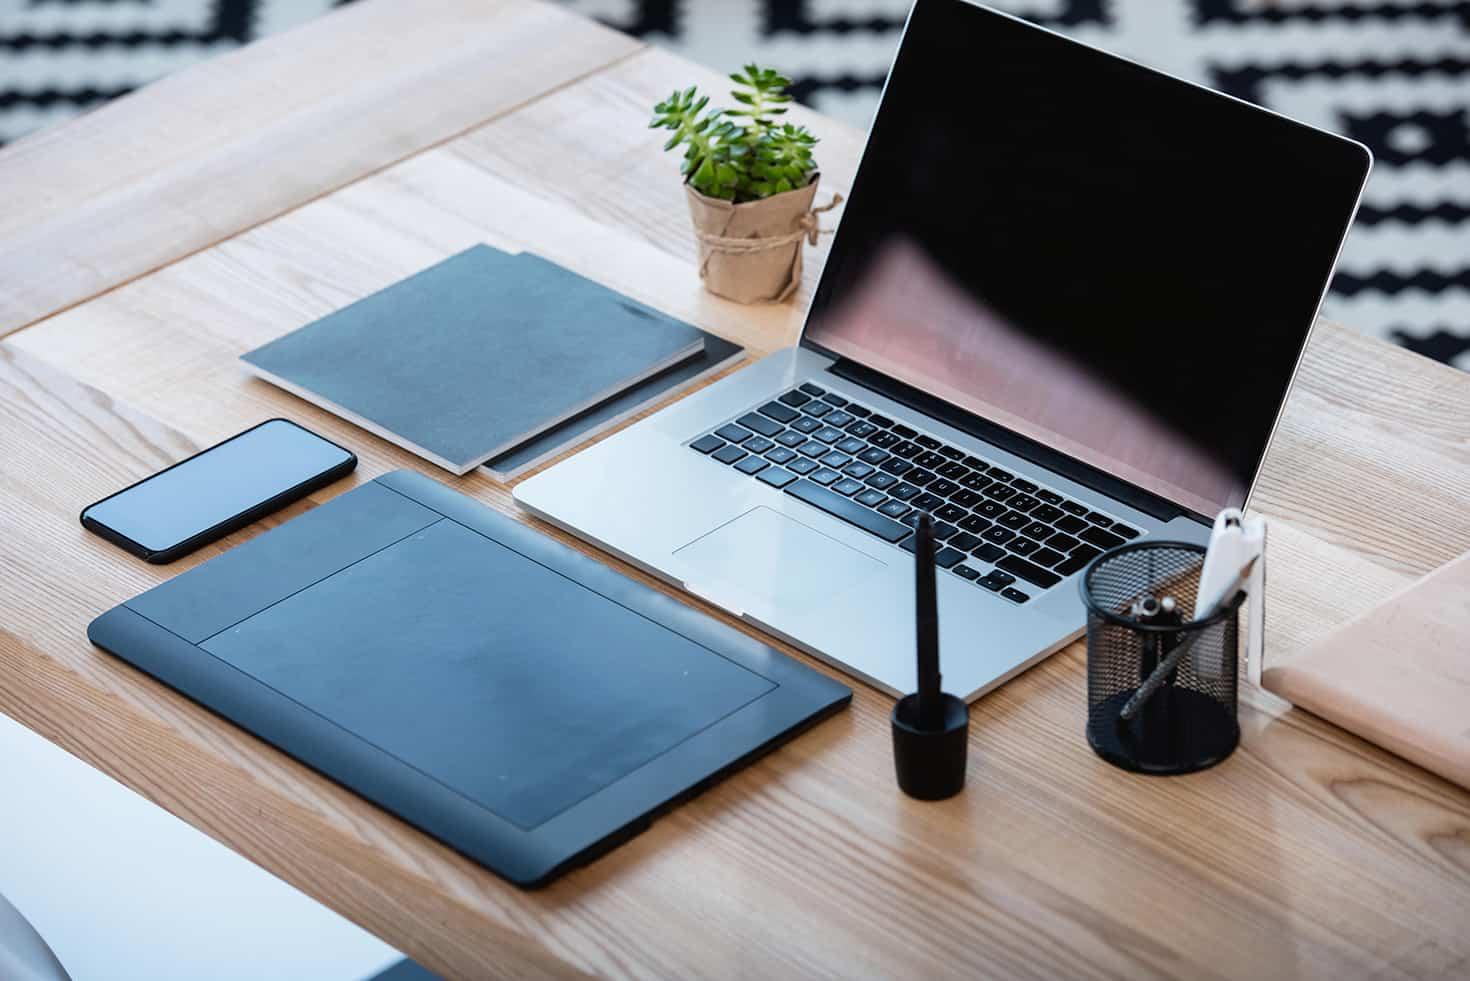 Come organizzare la scrivania al meglio